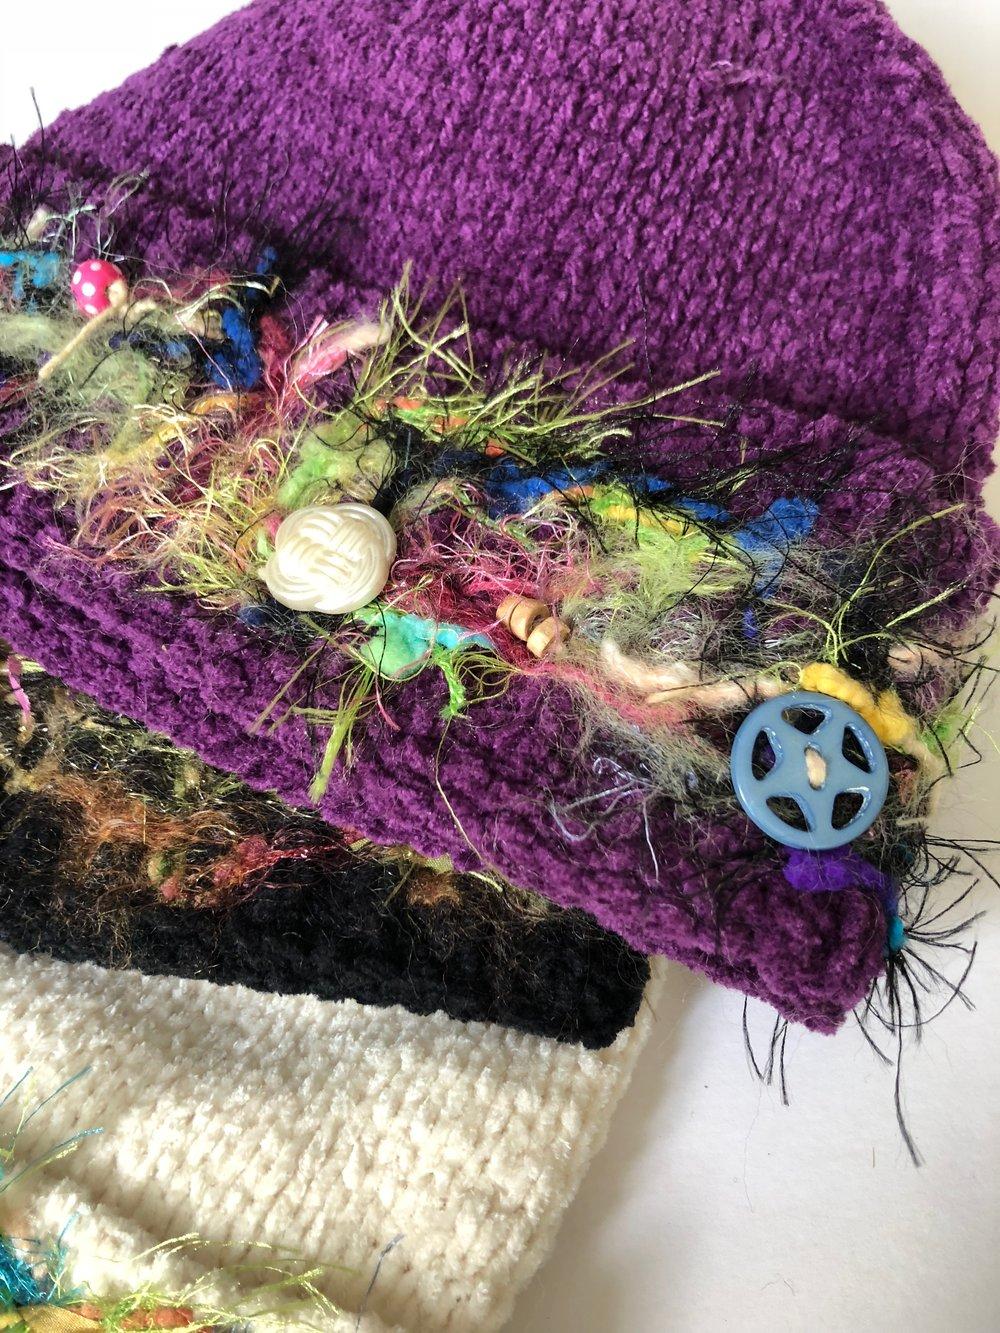 Needle felted embellished knit hats